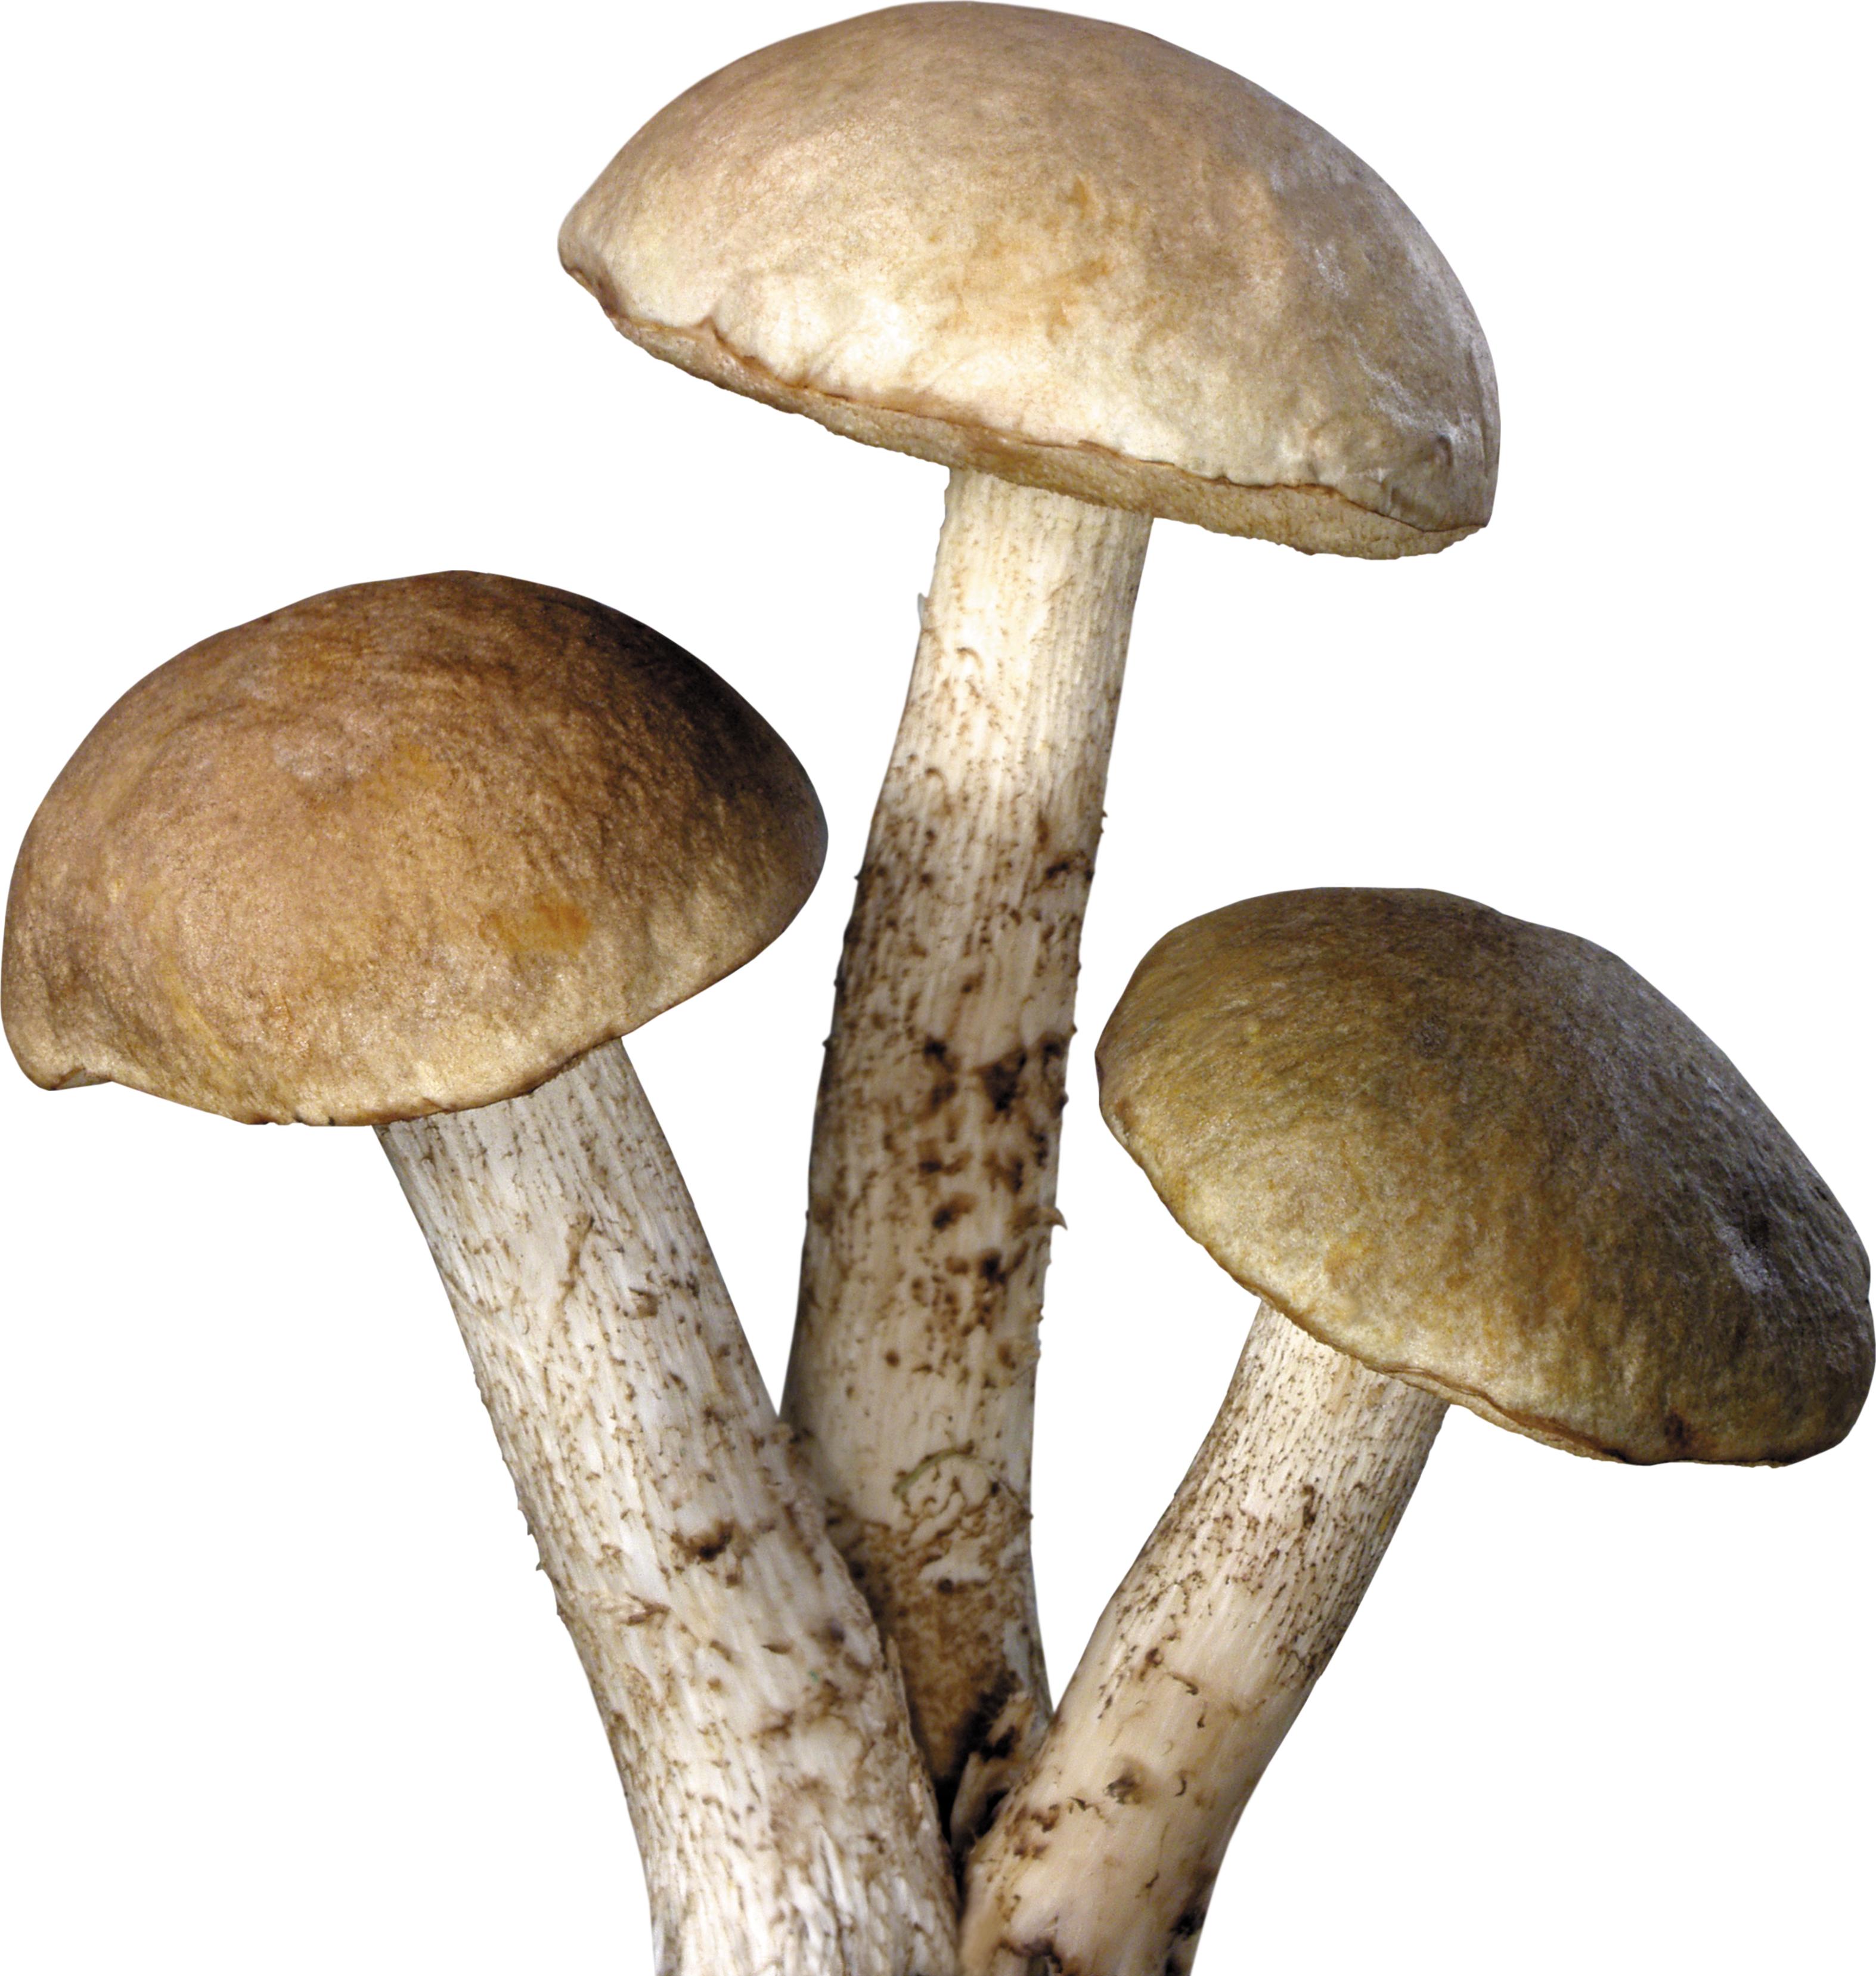 Mushroom png transparent free. Mushrooms clipart cartoon character